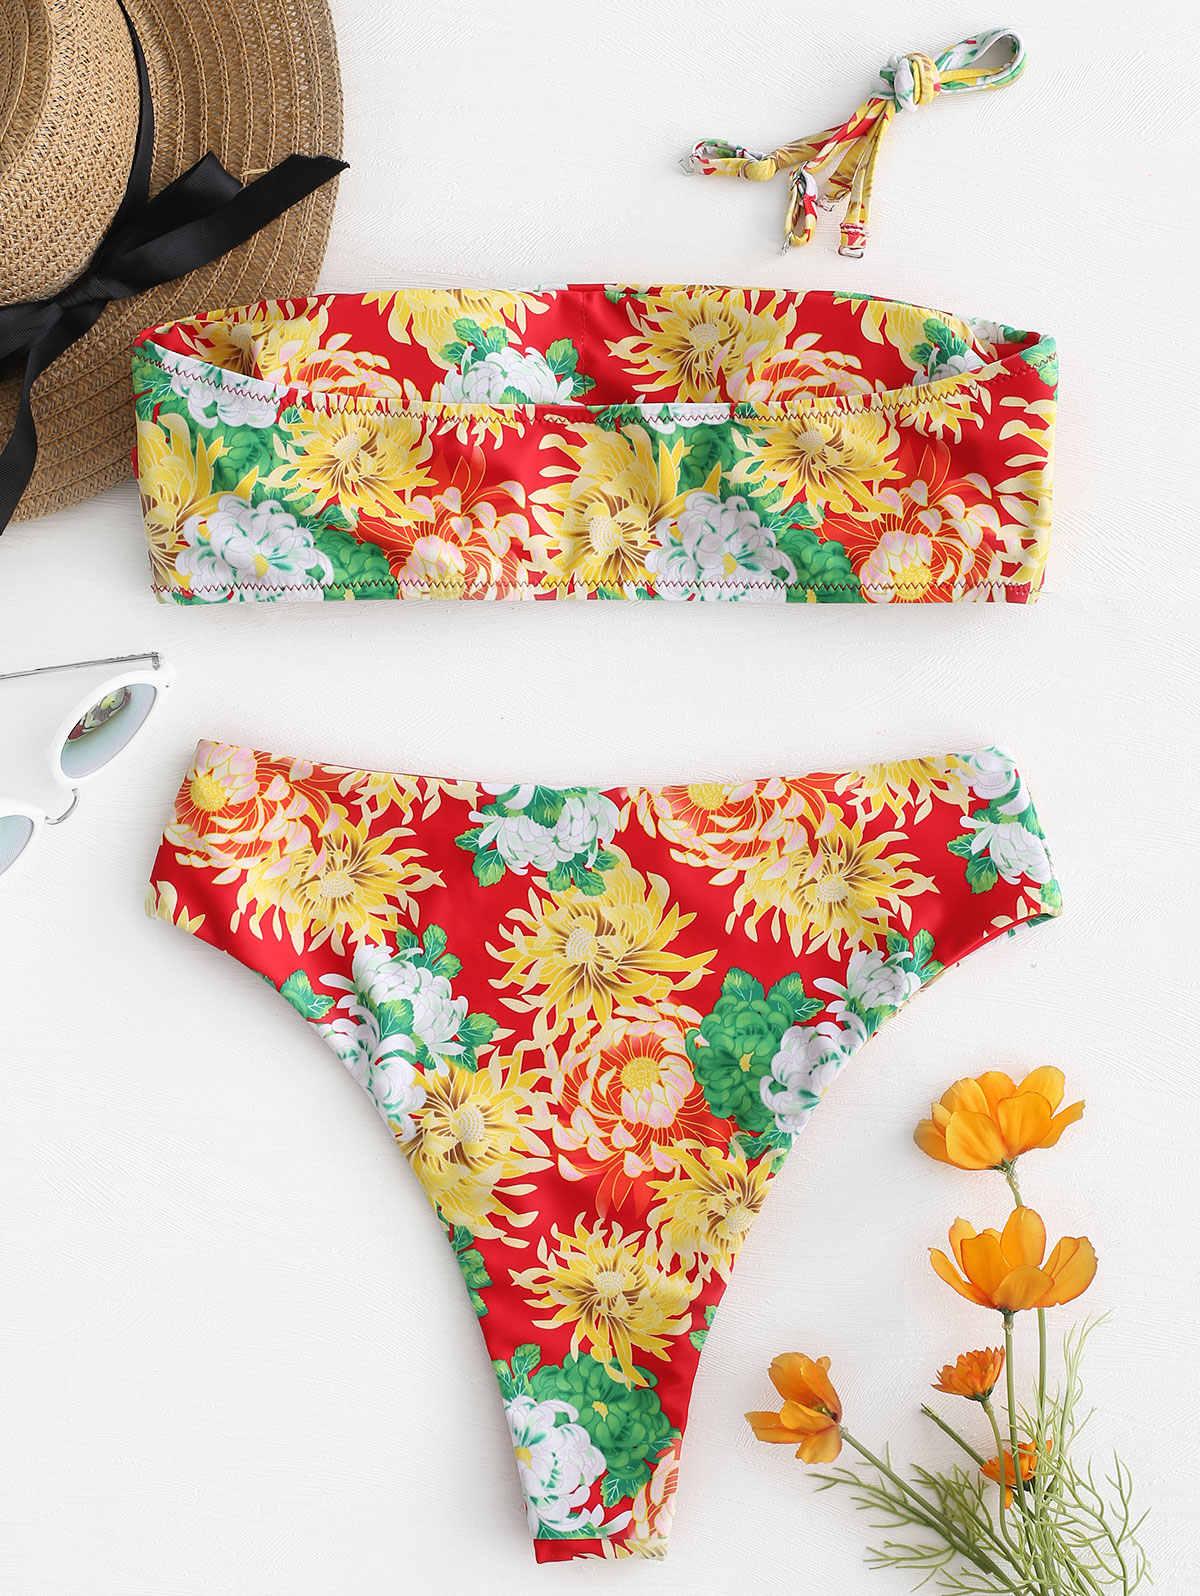 ZAFUL kobiety Sexy bez ramiączek wysoki wzrost słonecznika strój kąpielowy Floral bikini z nadrukiem zestaw Swimwer strój kąpielowy Maillot De Bain Femme